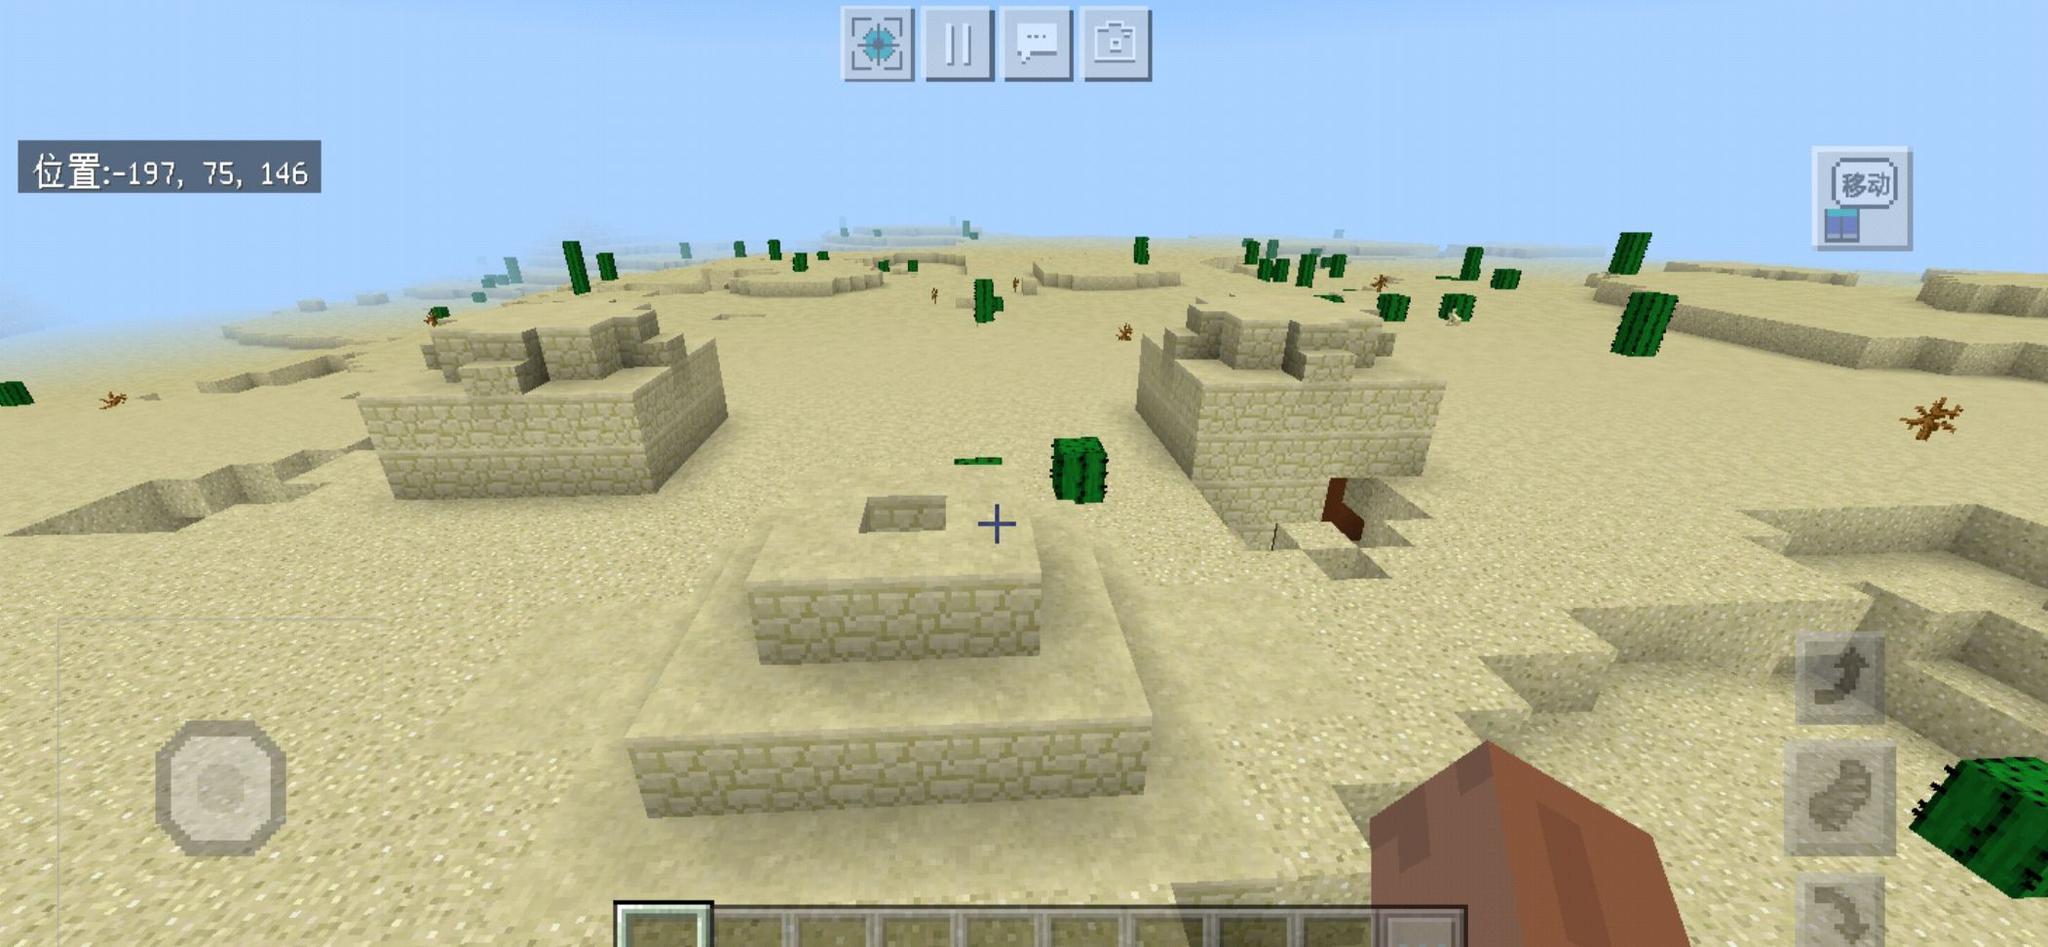 我的世界种子,有沙漠神殿和沉船遗迹,宝箱有3本附魔书和钻石